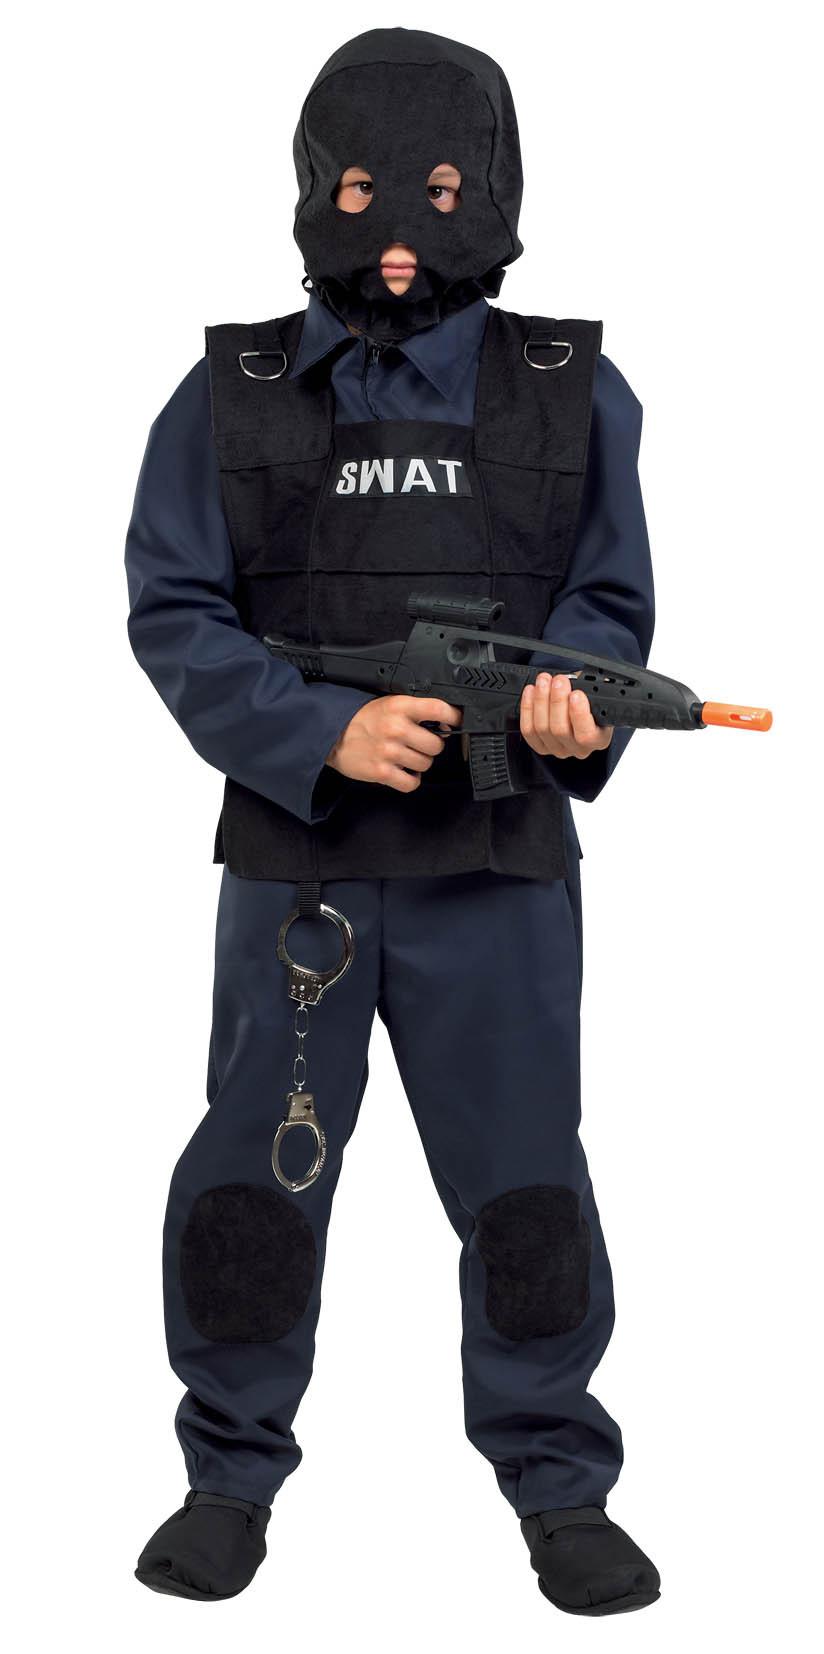 Αποκριάτικη Στολή Αστυνομικός Μυστικής Ομάδας S.W.A.T. Νο. 10 (342)